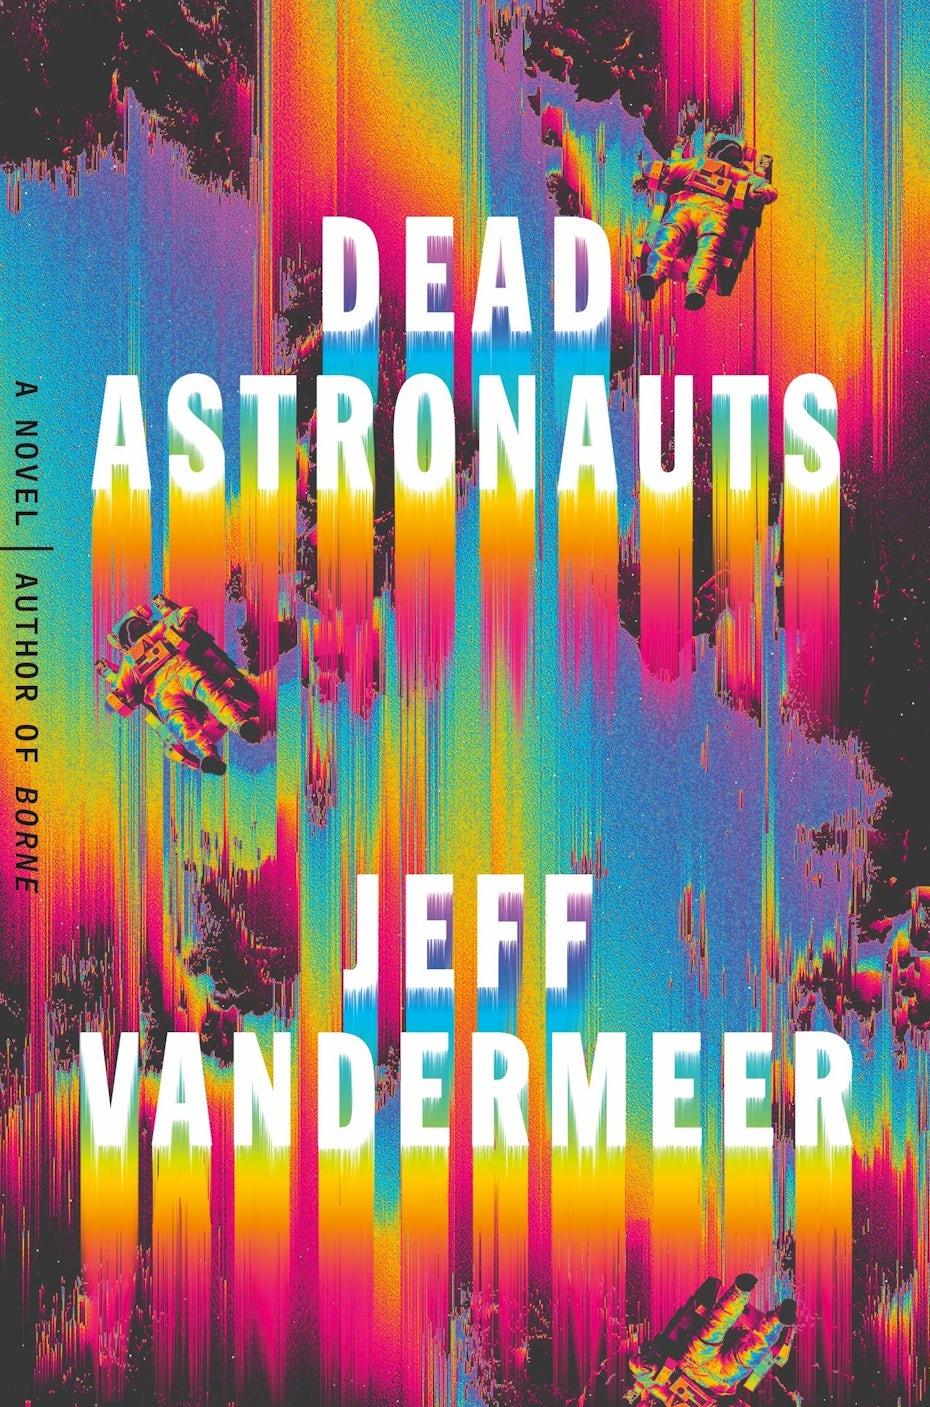 ejemplo de tendencias de portada de libro 2020 con efecto psicodélico y brillante arco iris